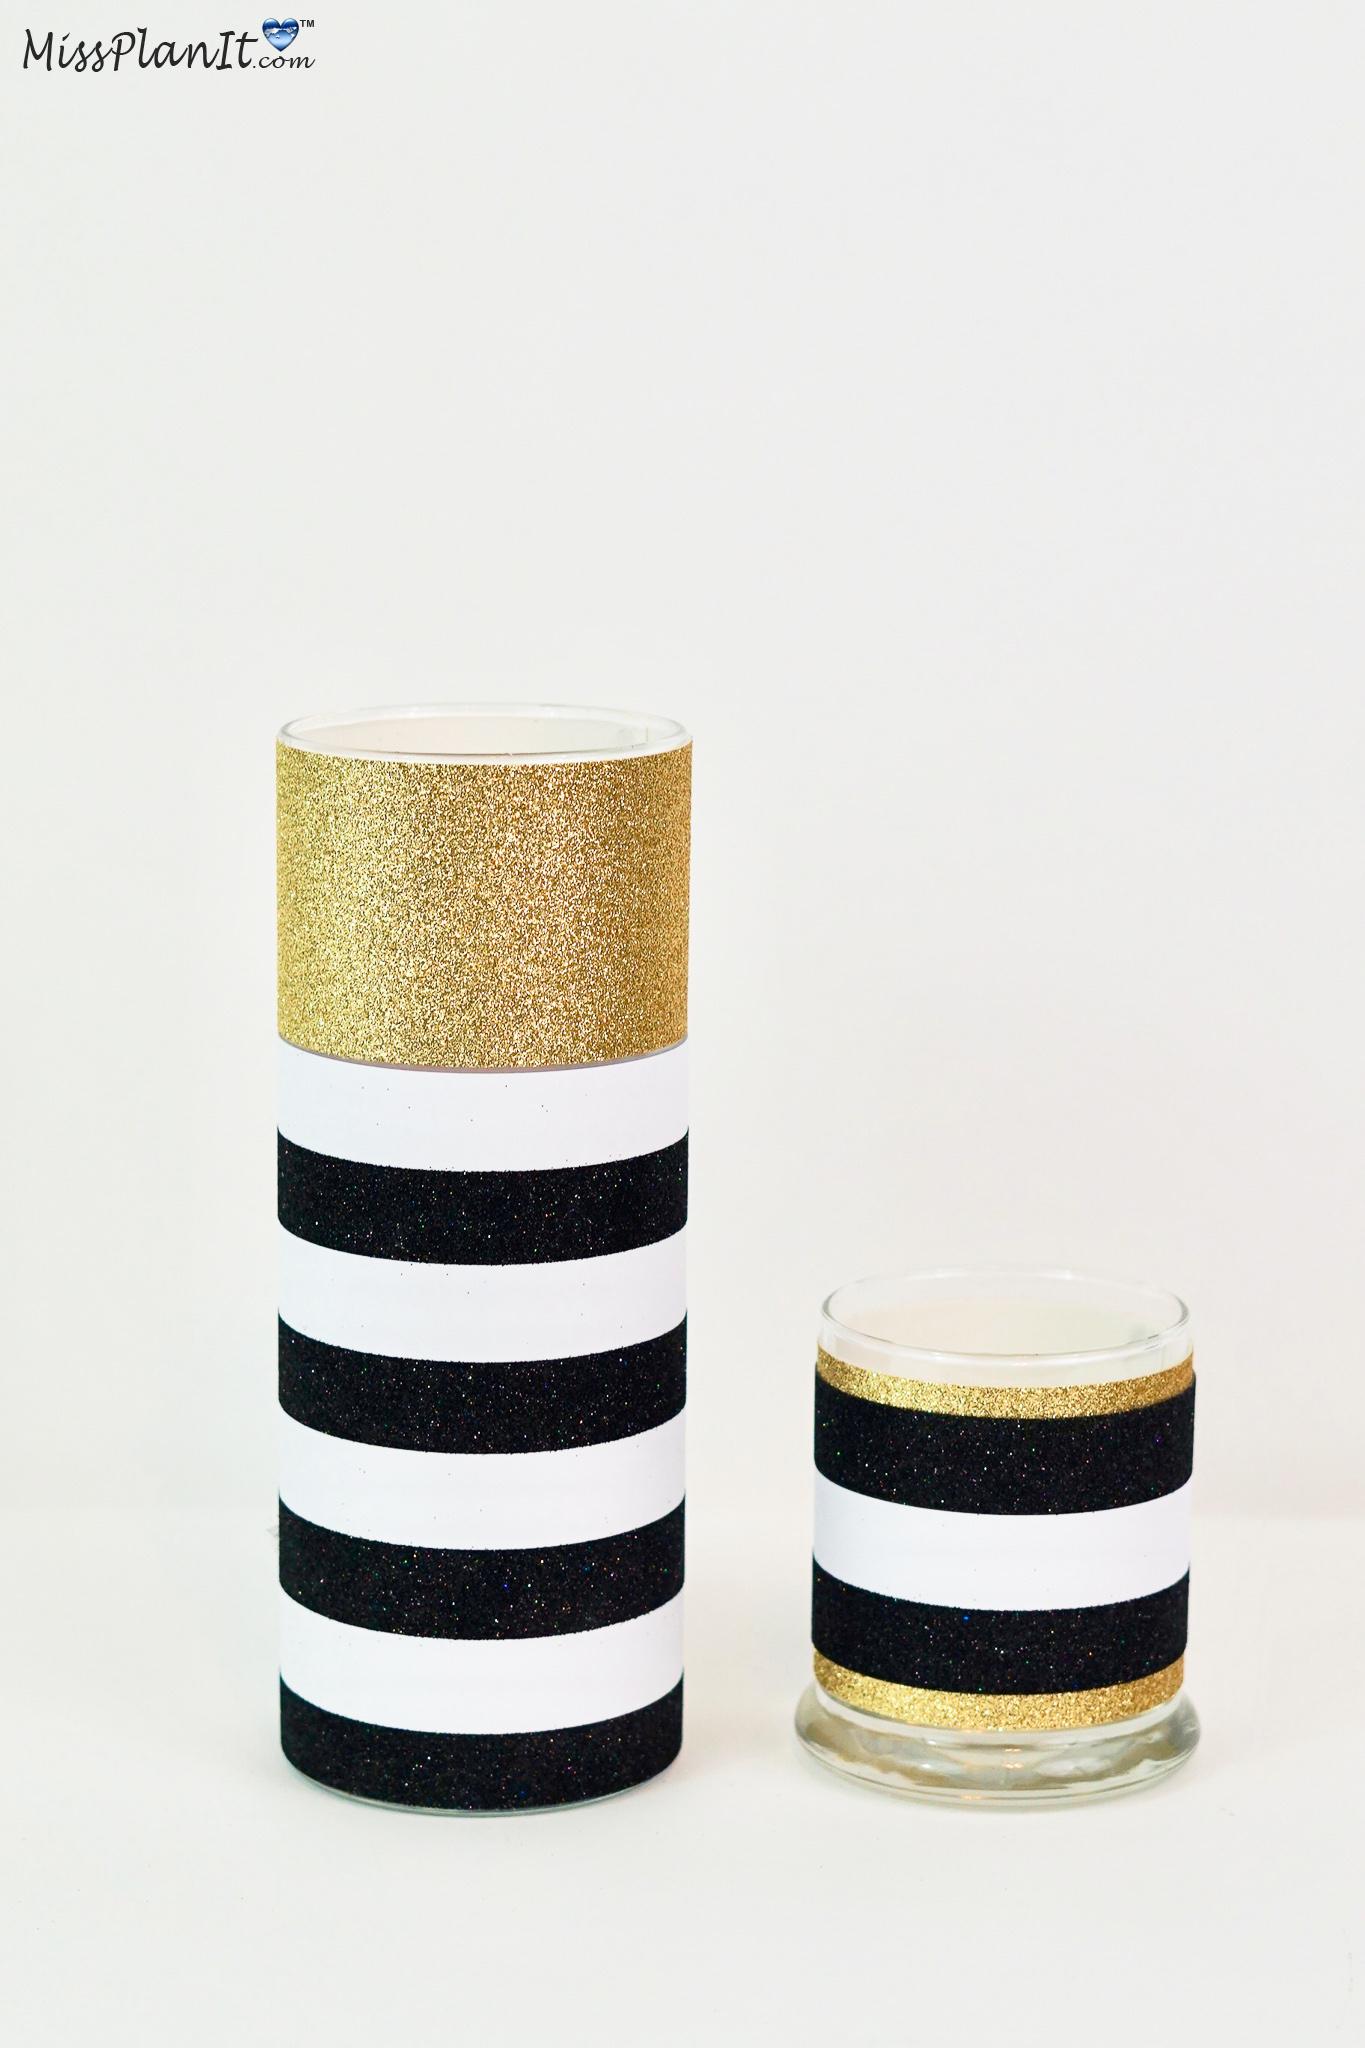 Fine Diy Kate Spade Inspired Sweet 16 Birthday Centerpiece Download Free Architecture Designs Scobabritishbridgeorg